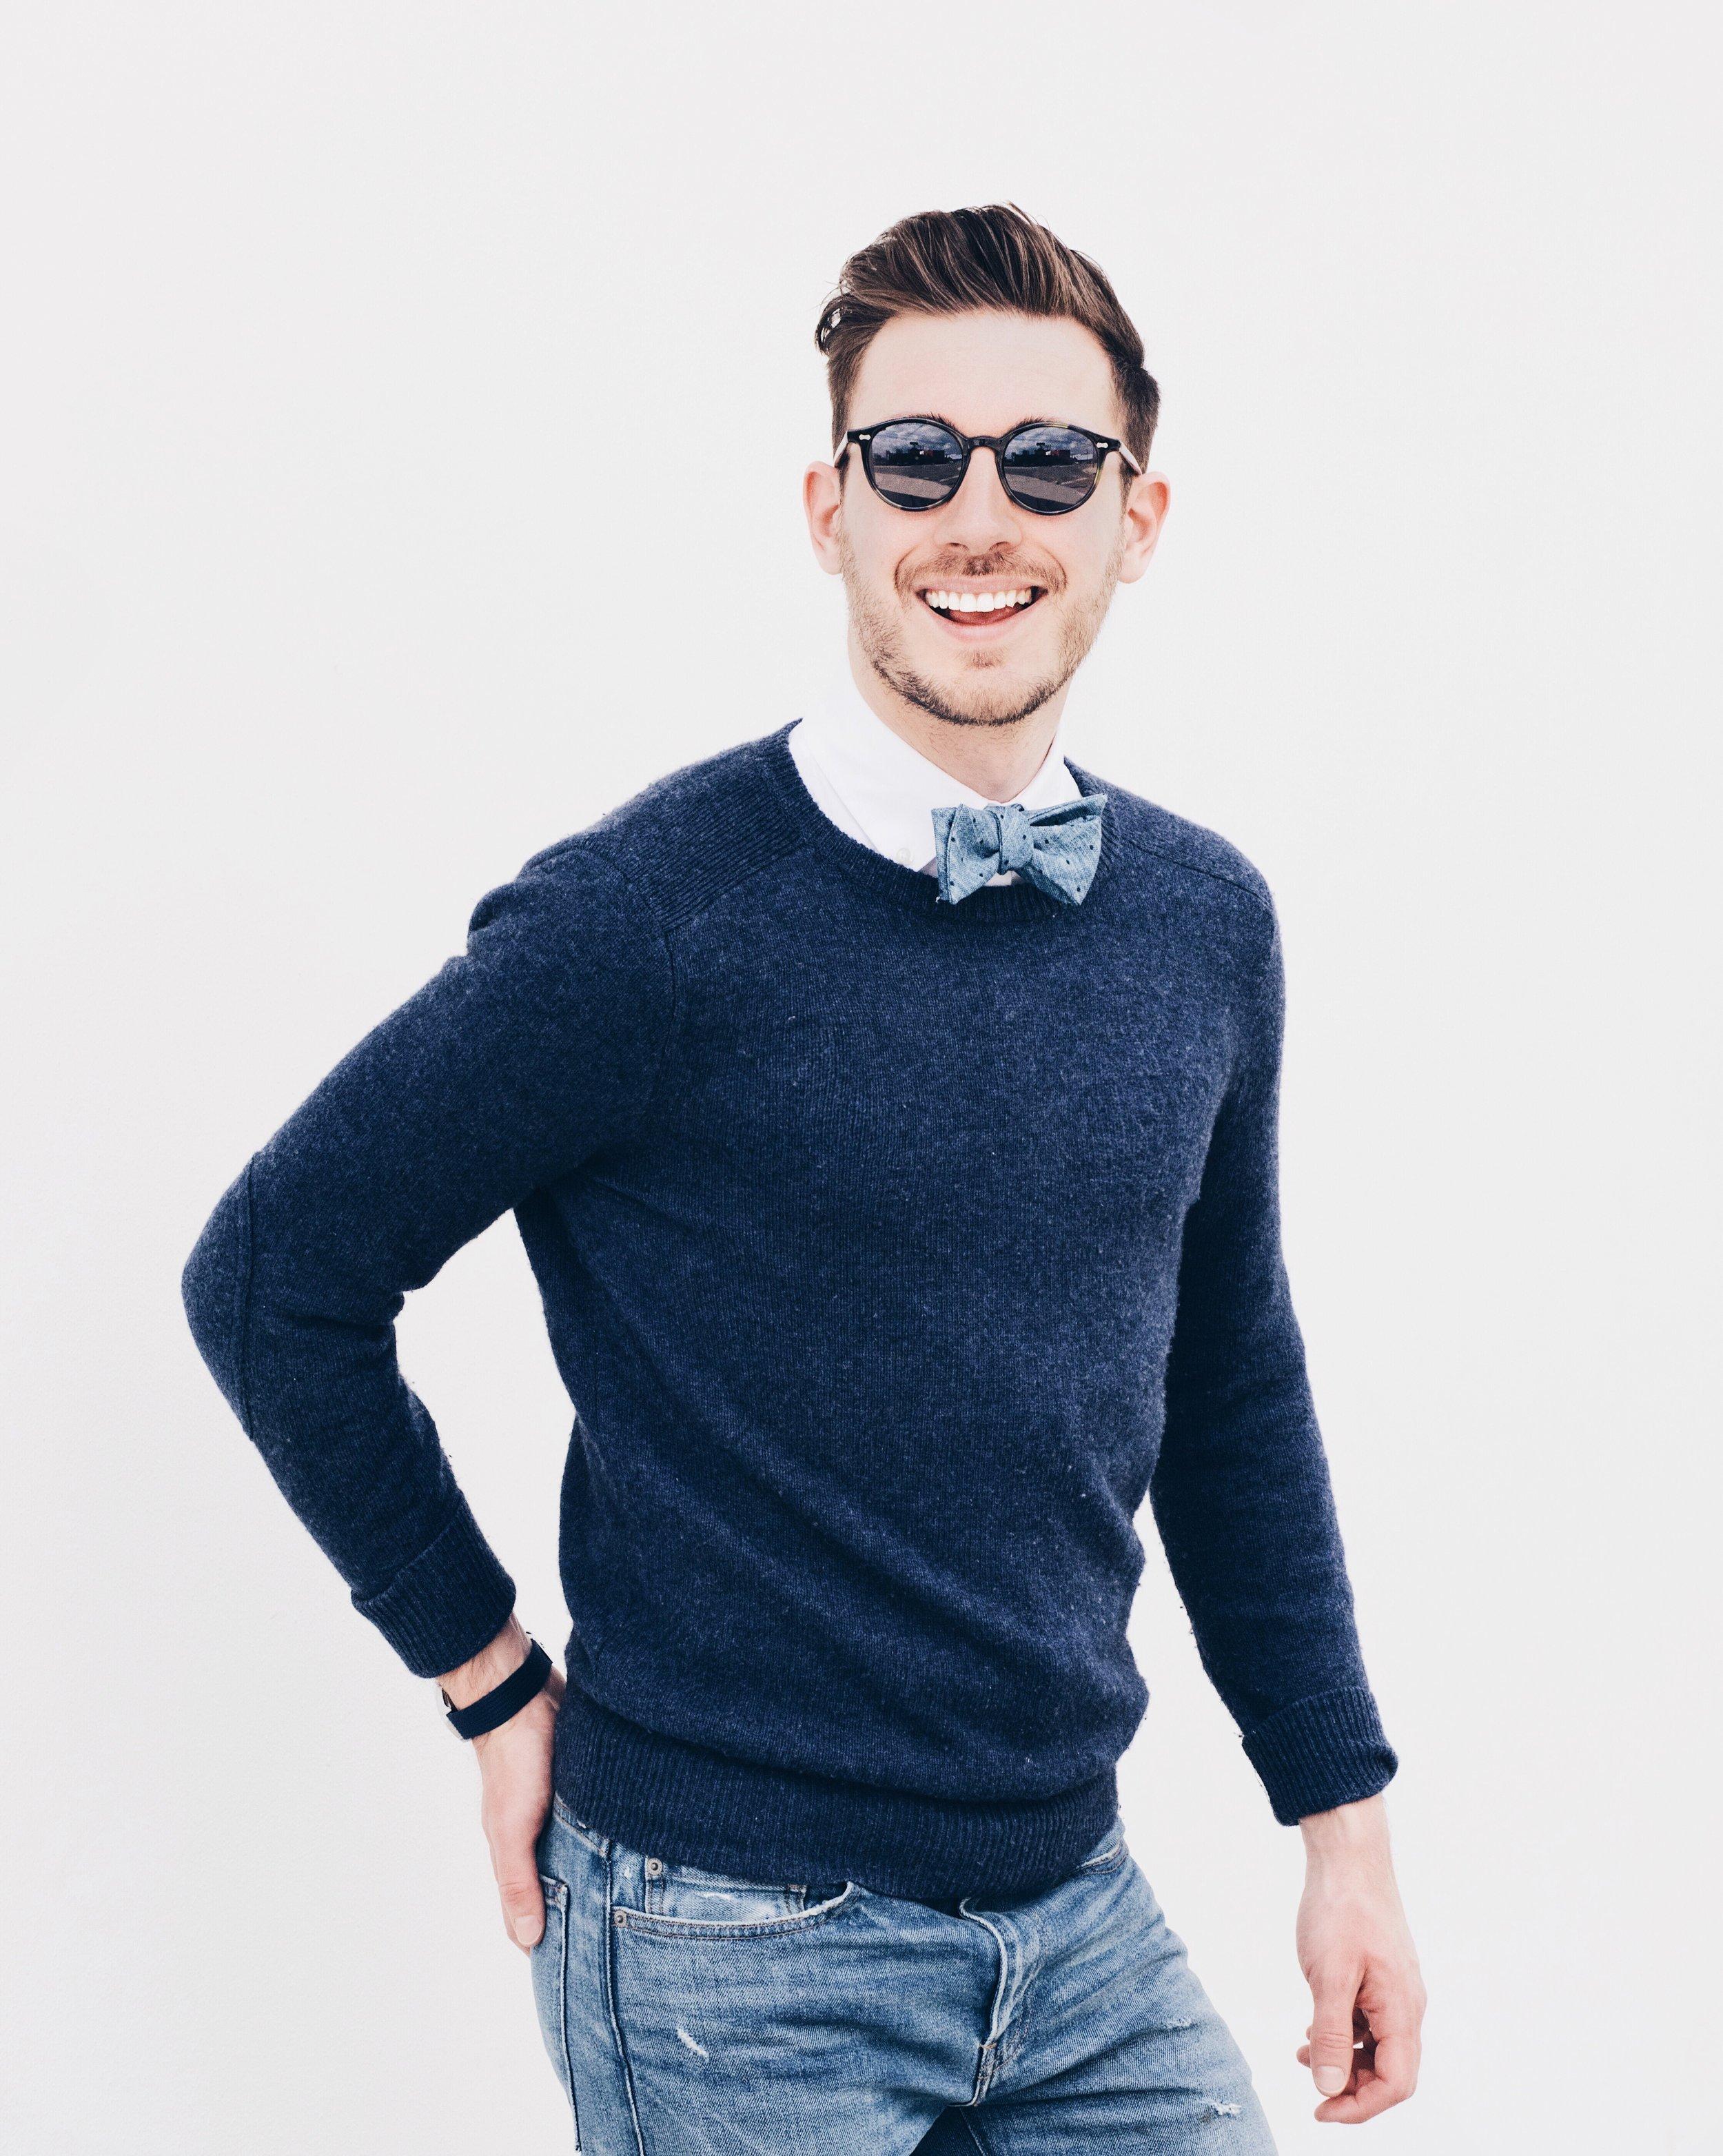 Will-Taylor-Bright-Bazaar-Tie-The-Knot-1.JPG